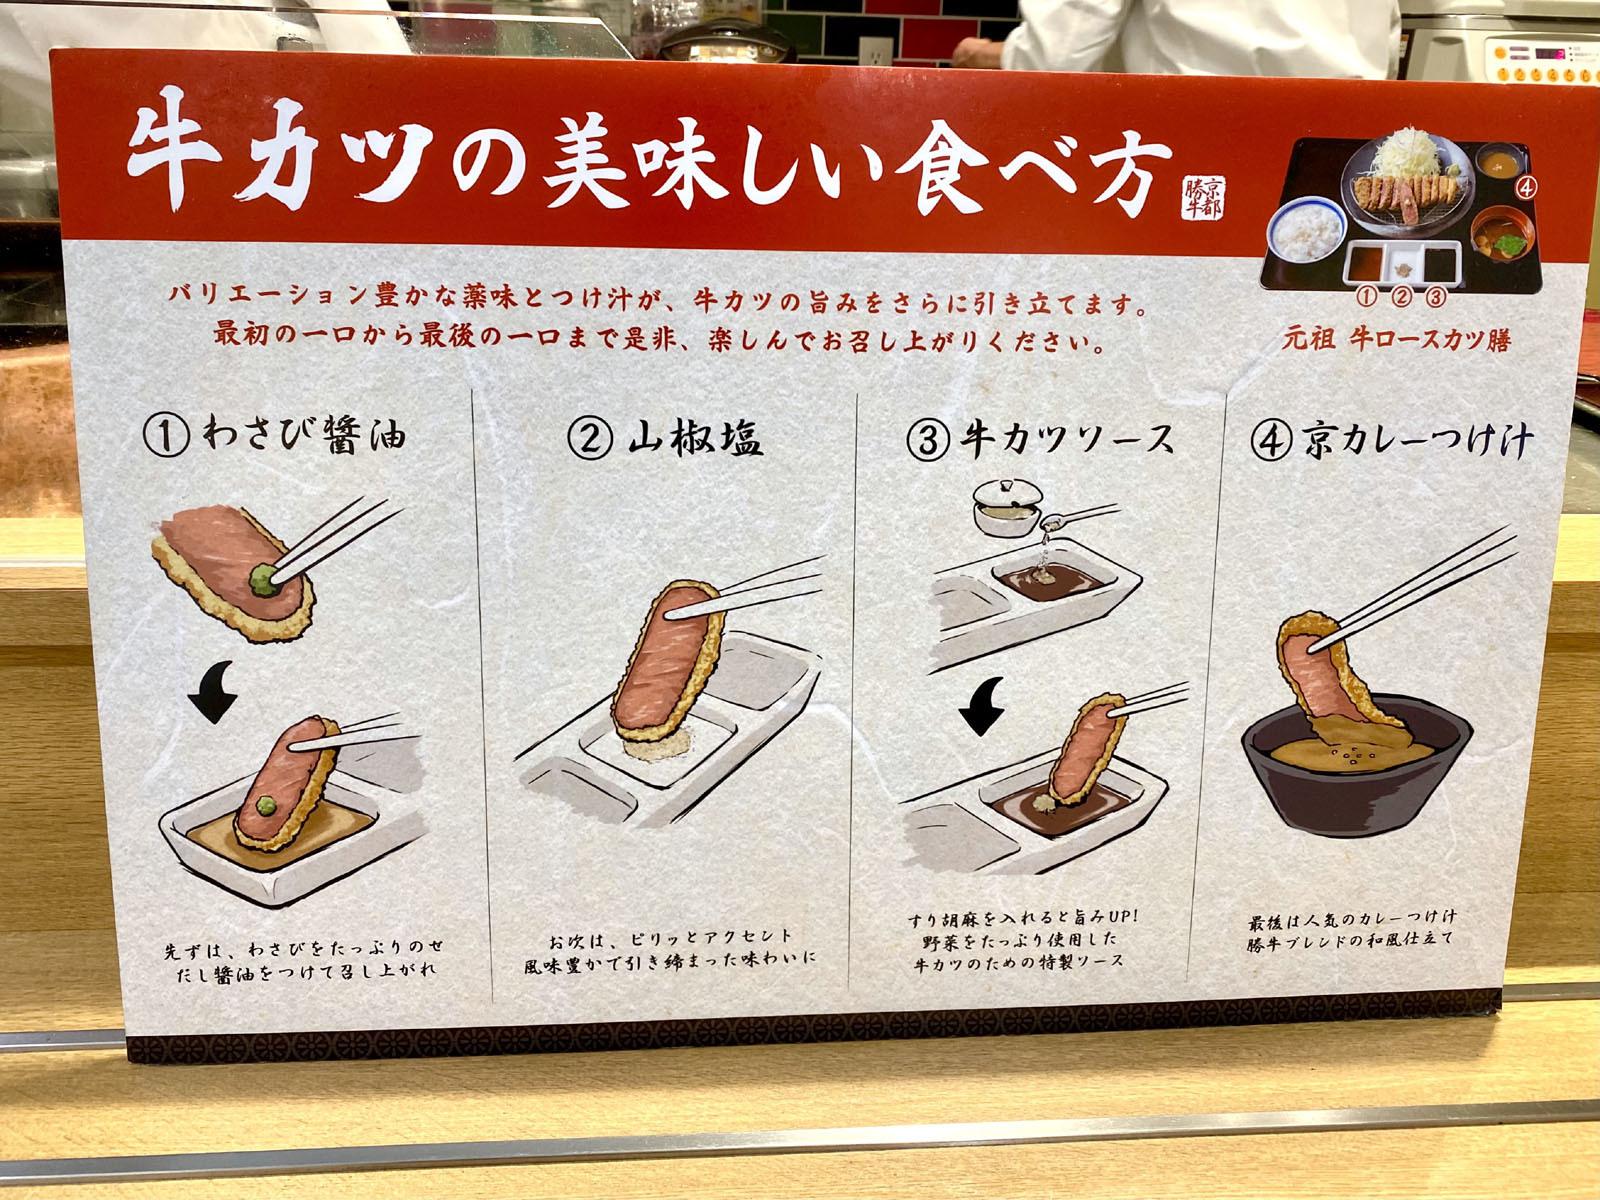 牛カツ 京都勝牛 ゆめタウン高松店 04 牛カツの美味しい食べ方